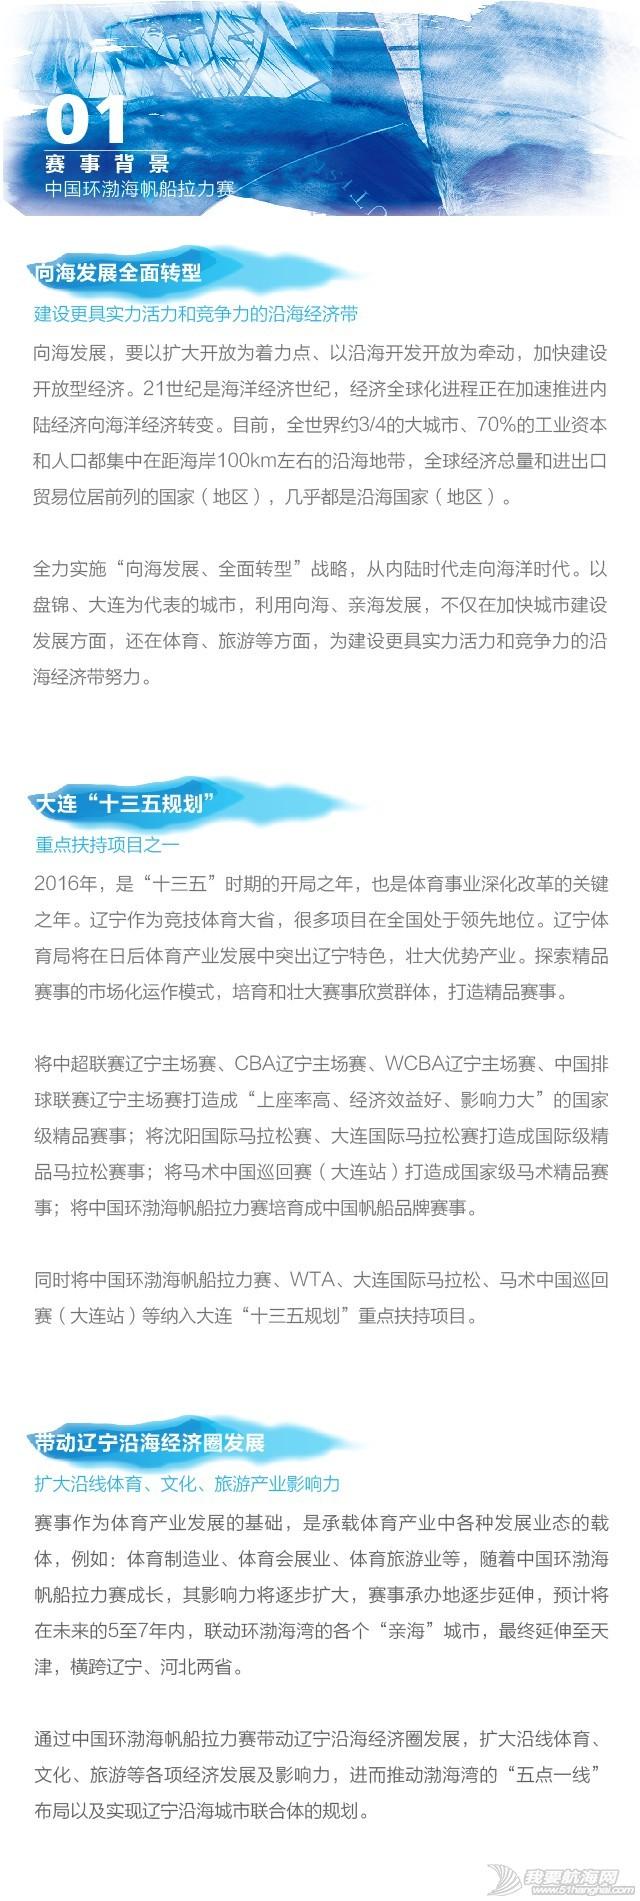 拉力赛,中国,渤海,帆船 2016中国环渤海帆船拉力赛 111421mdnf4zo9zimx9i94.jpg